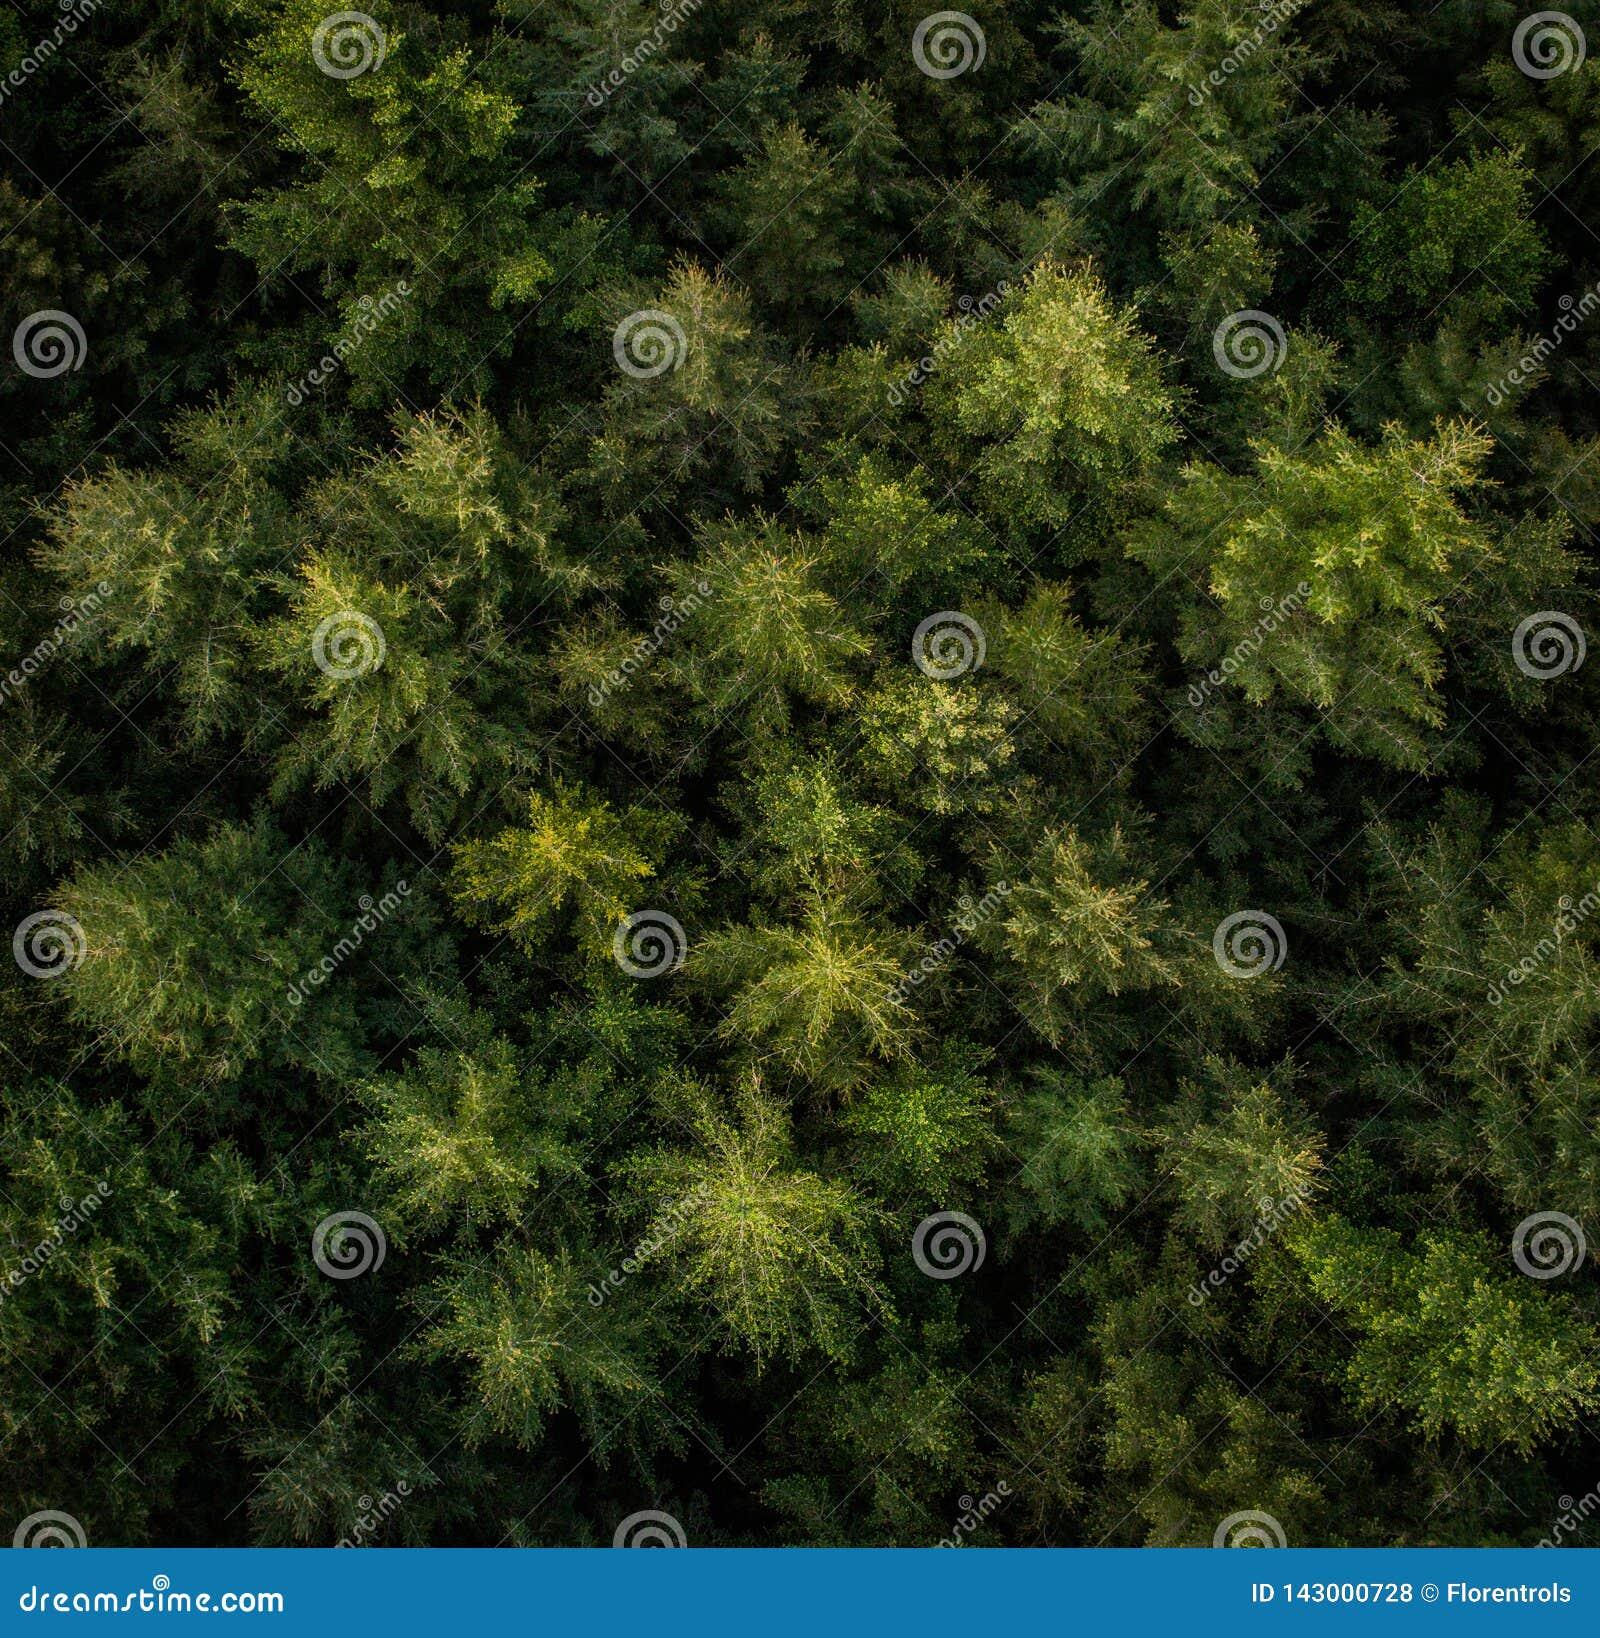 Vue aérienne des arbres dans une forêt